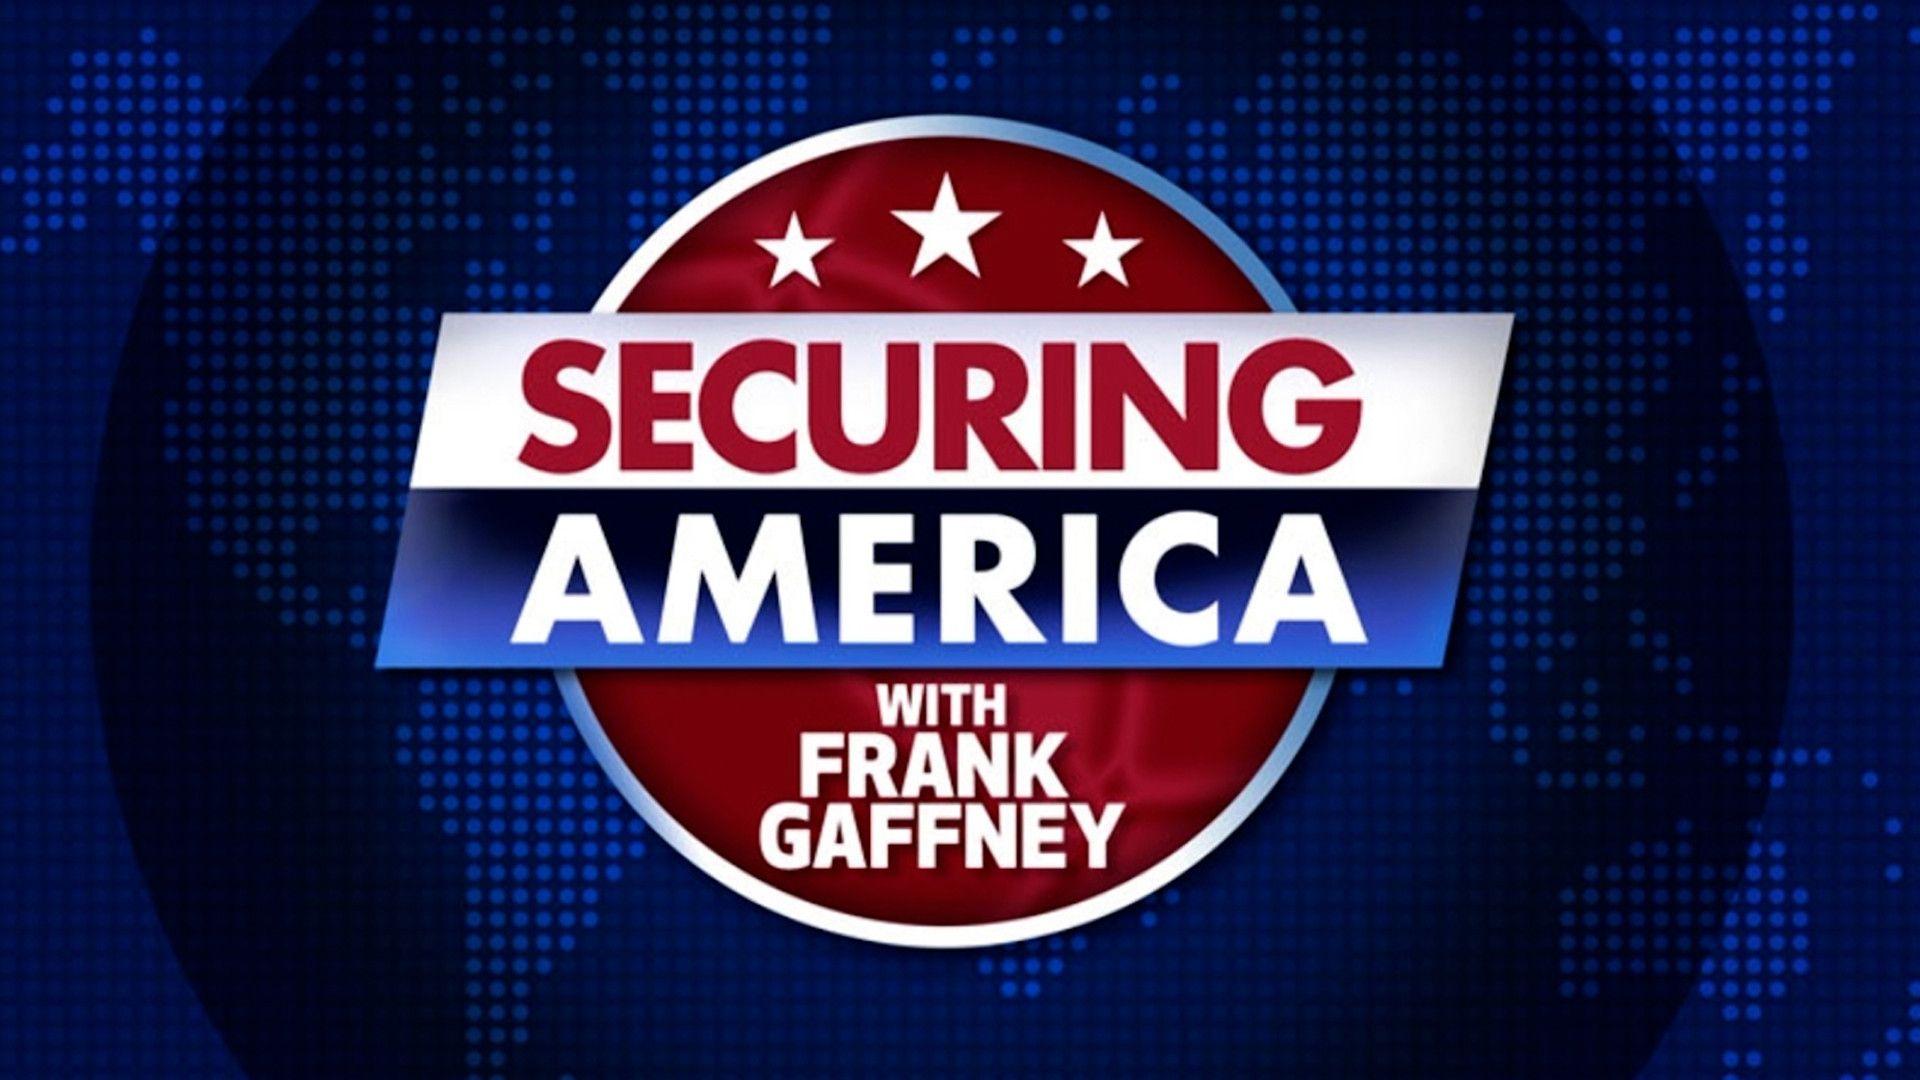 Securing America